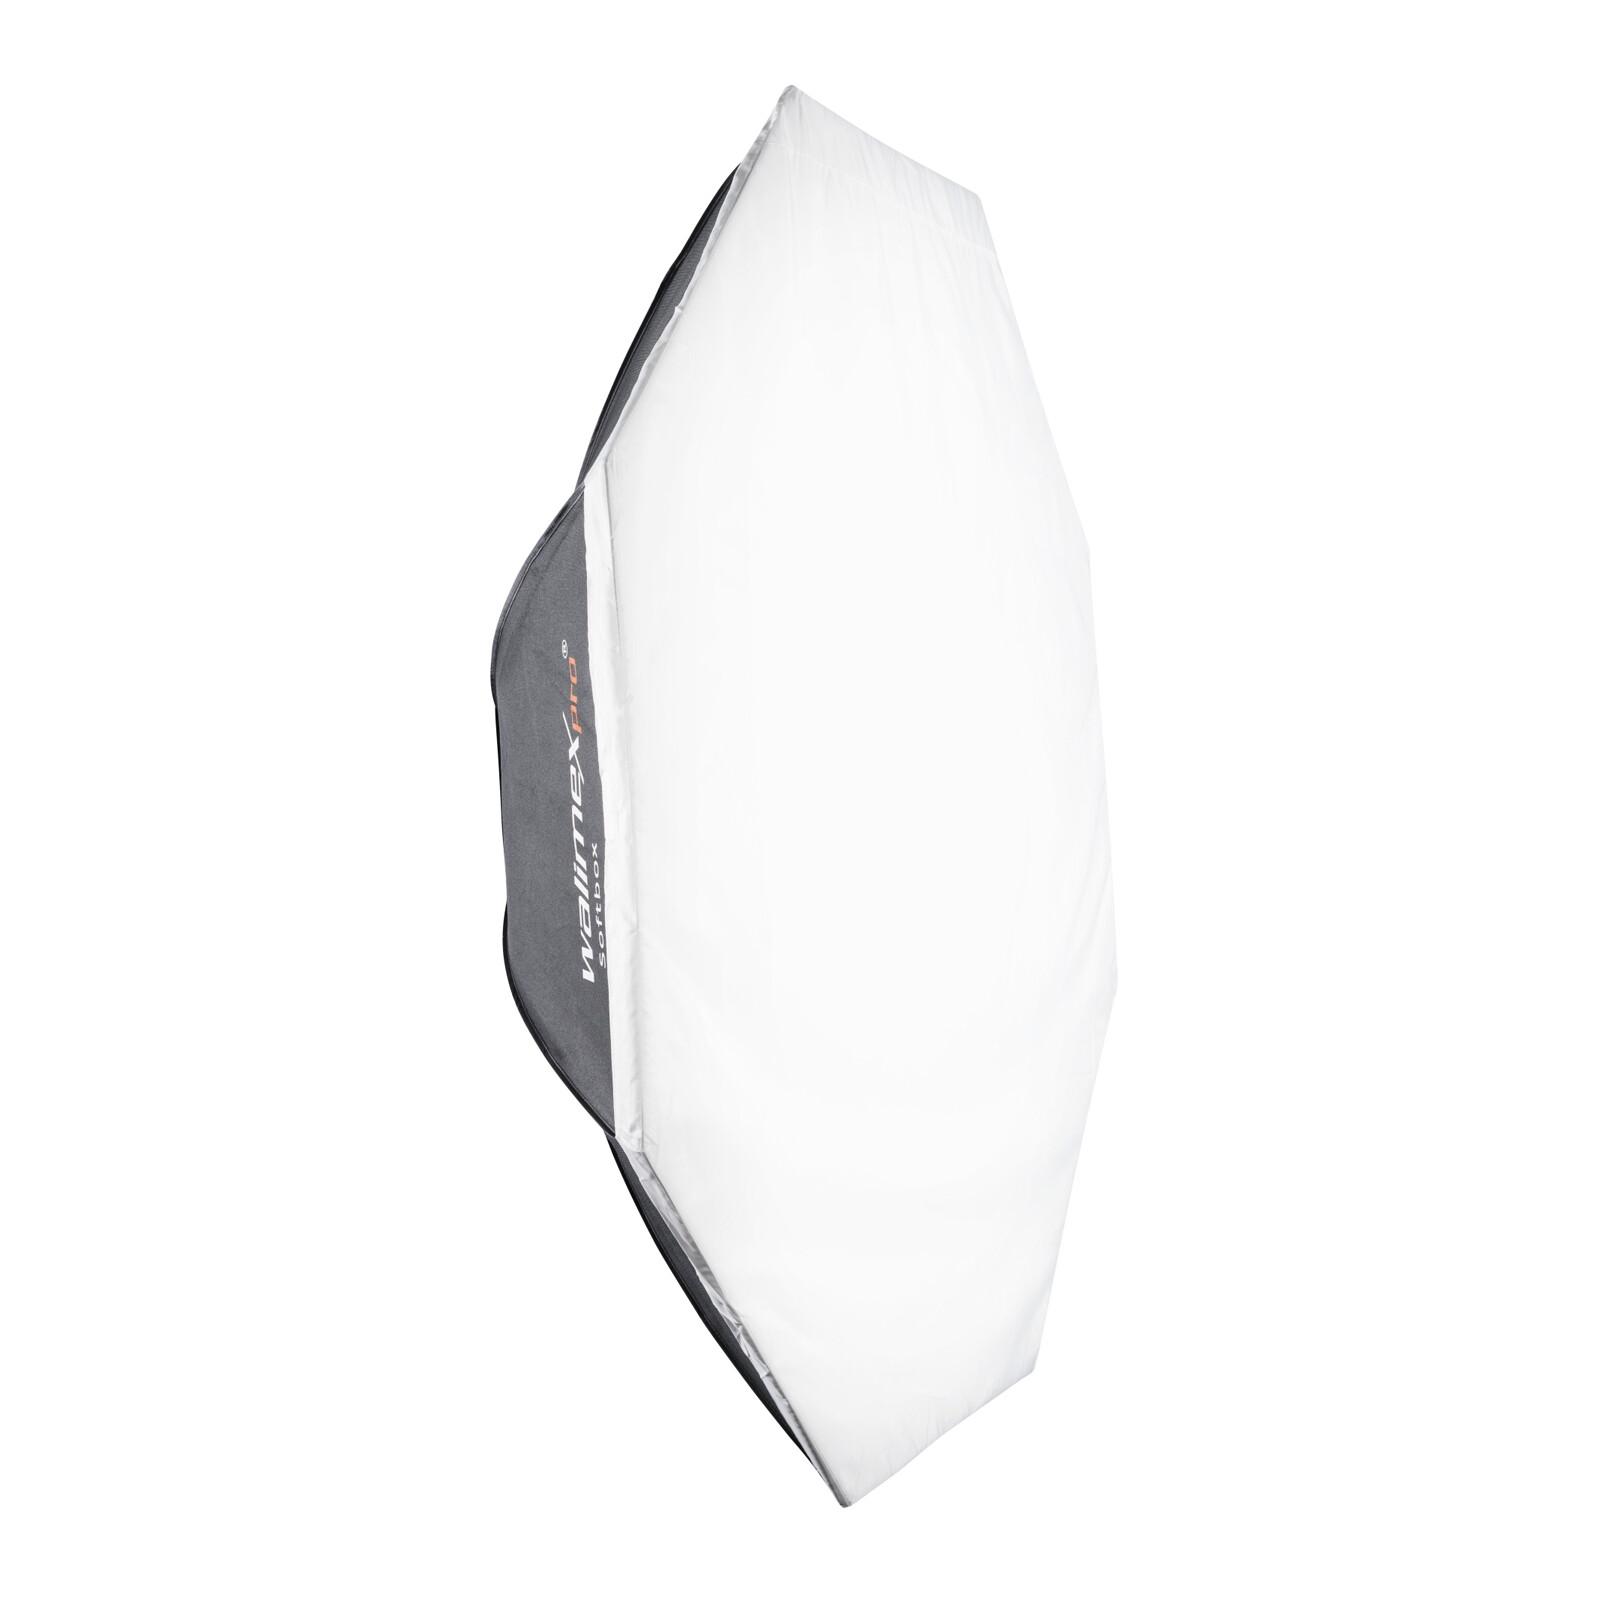 walimex pro Octagon Softbox Ø140cm für Elinchrom